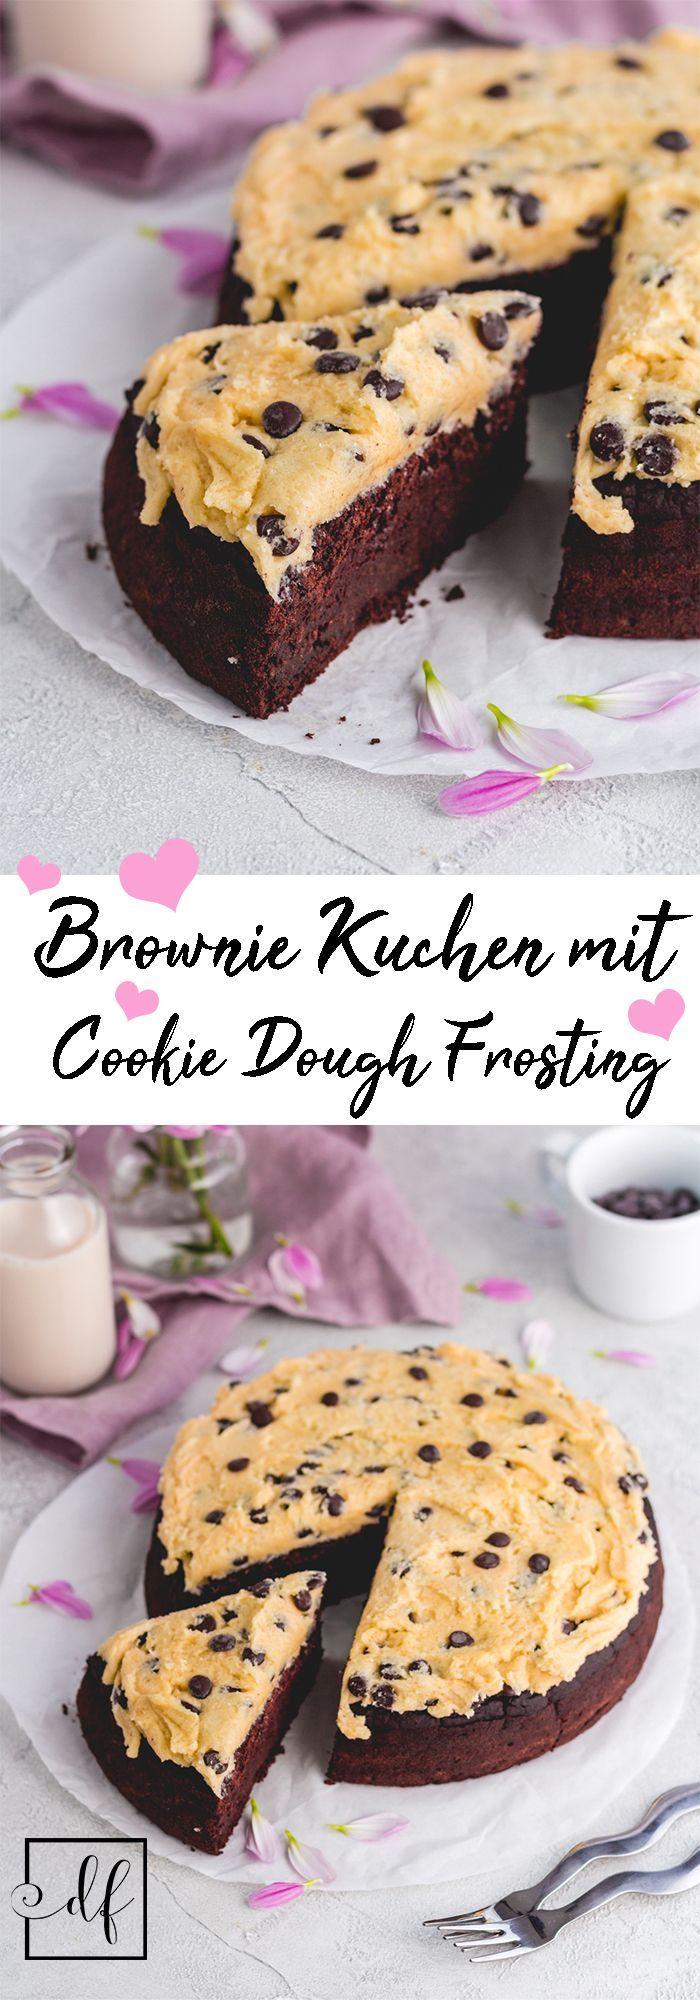 Der saftigste gesunde & vegane Brownie Kuchen mit Cookie Dough Frosting